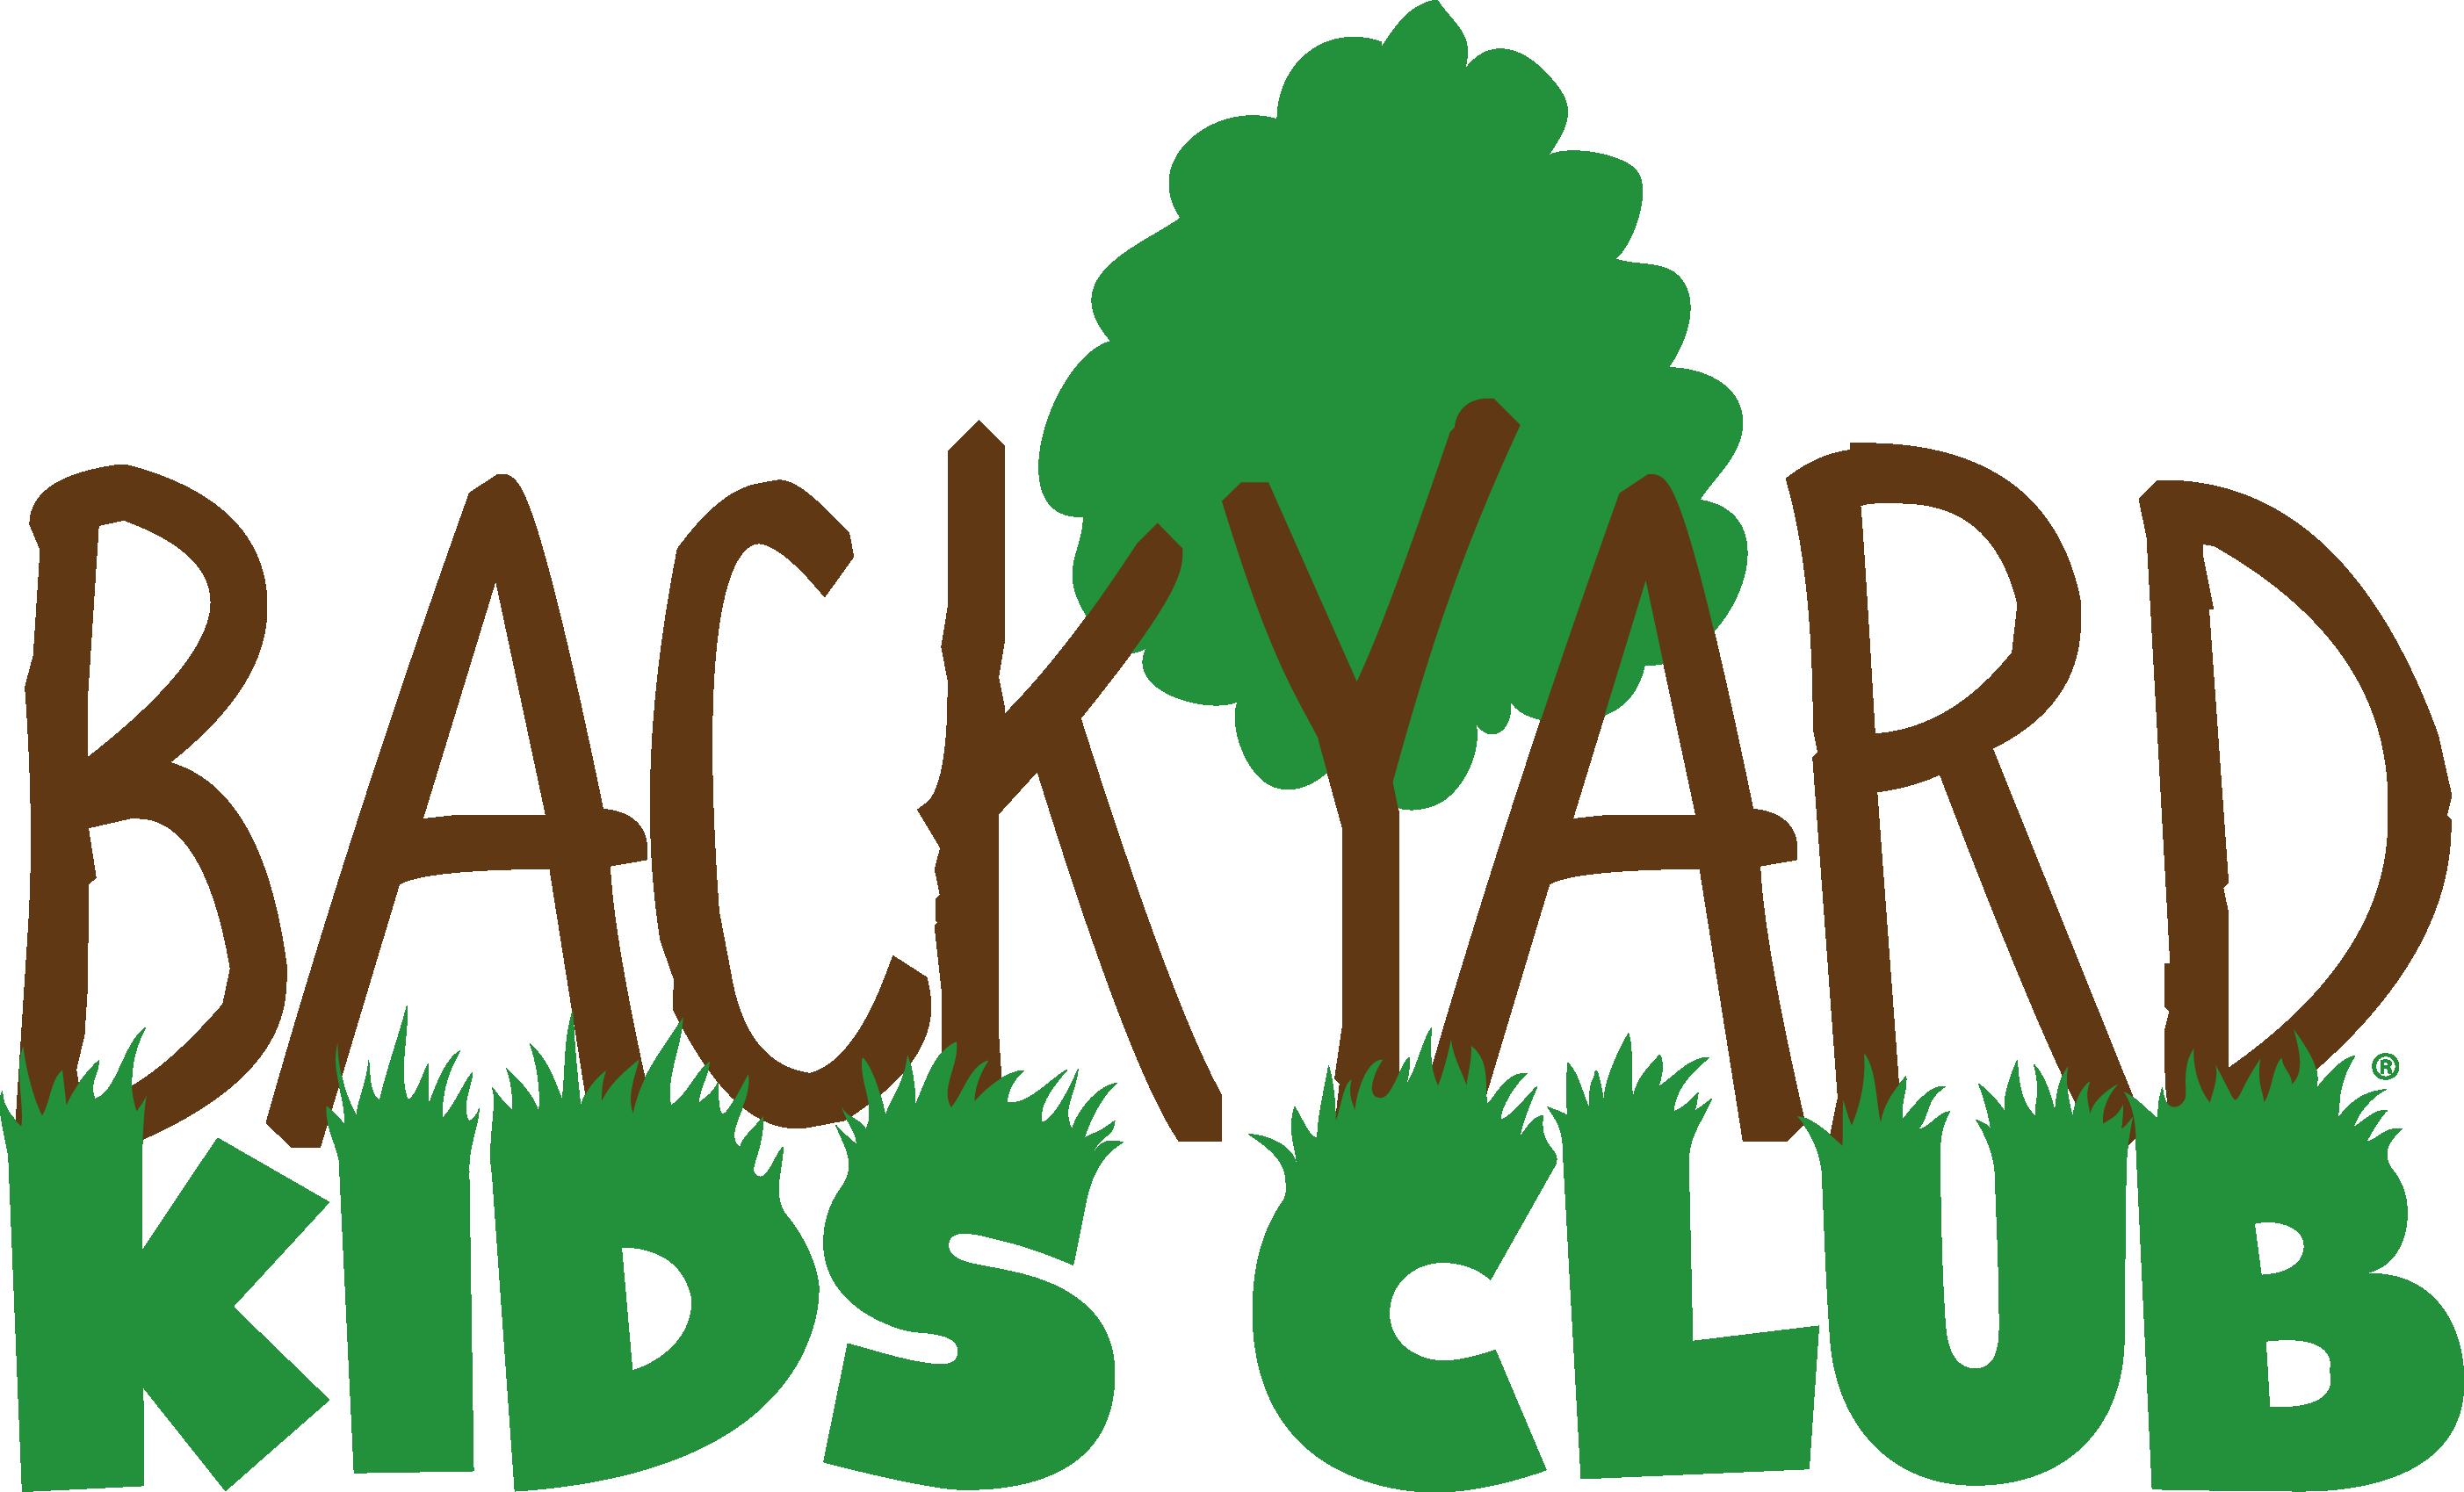 Backyard cliparts.